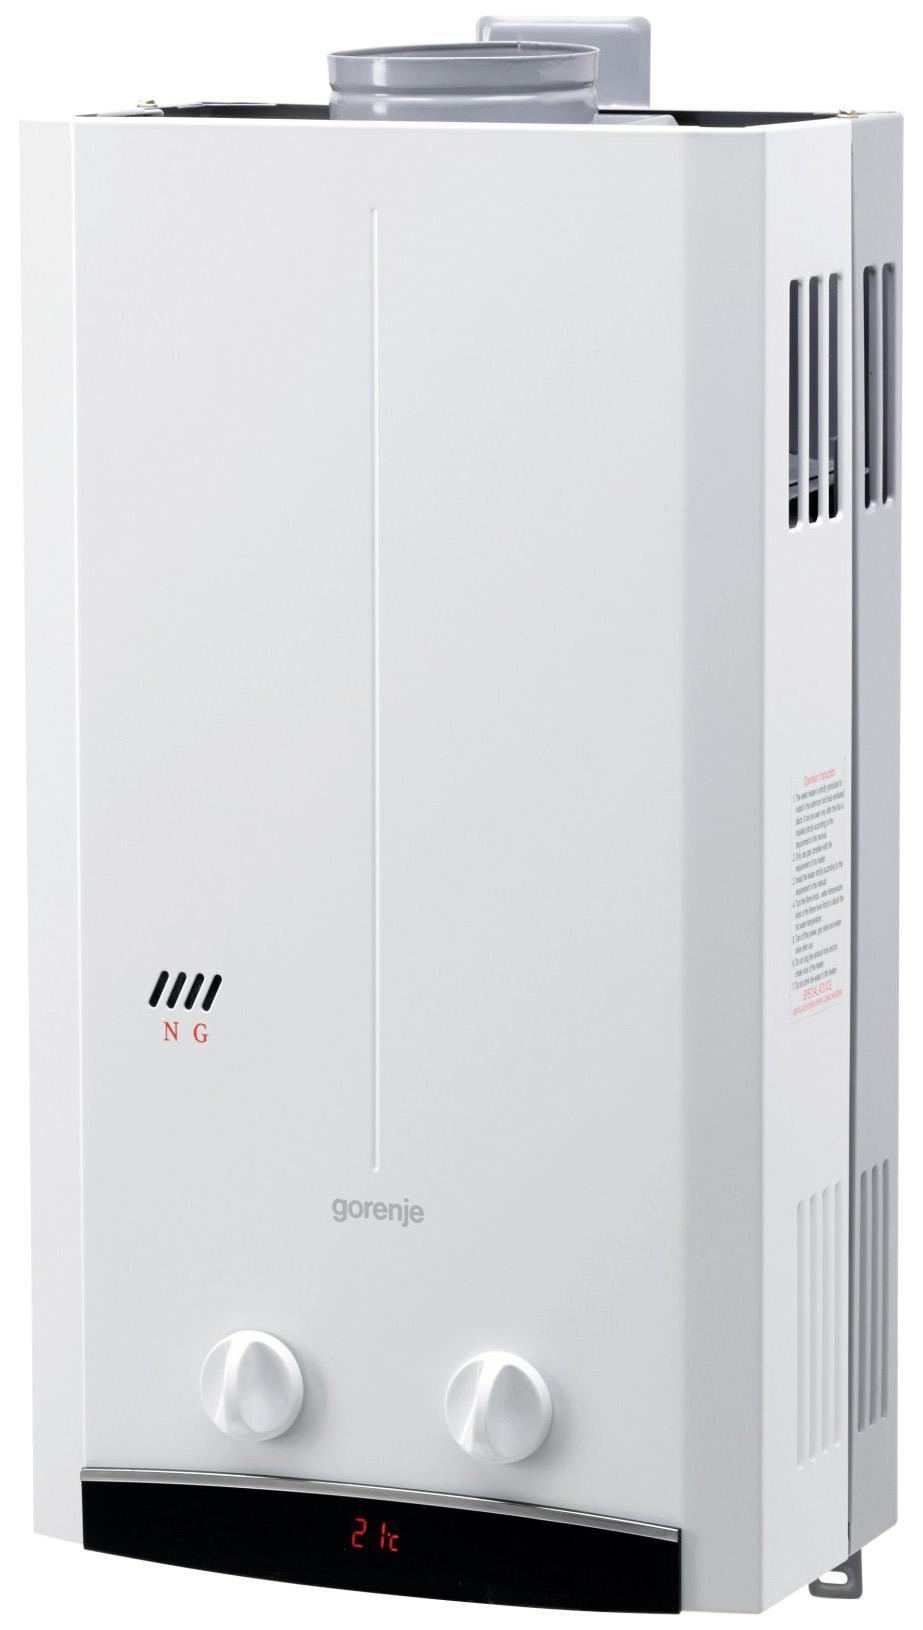 Газовая колонка Gorenje GWH 10 NNBW white